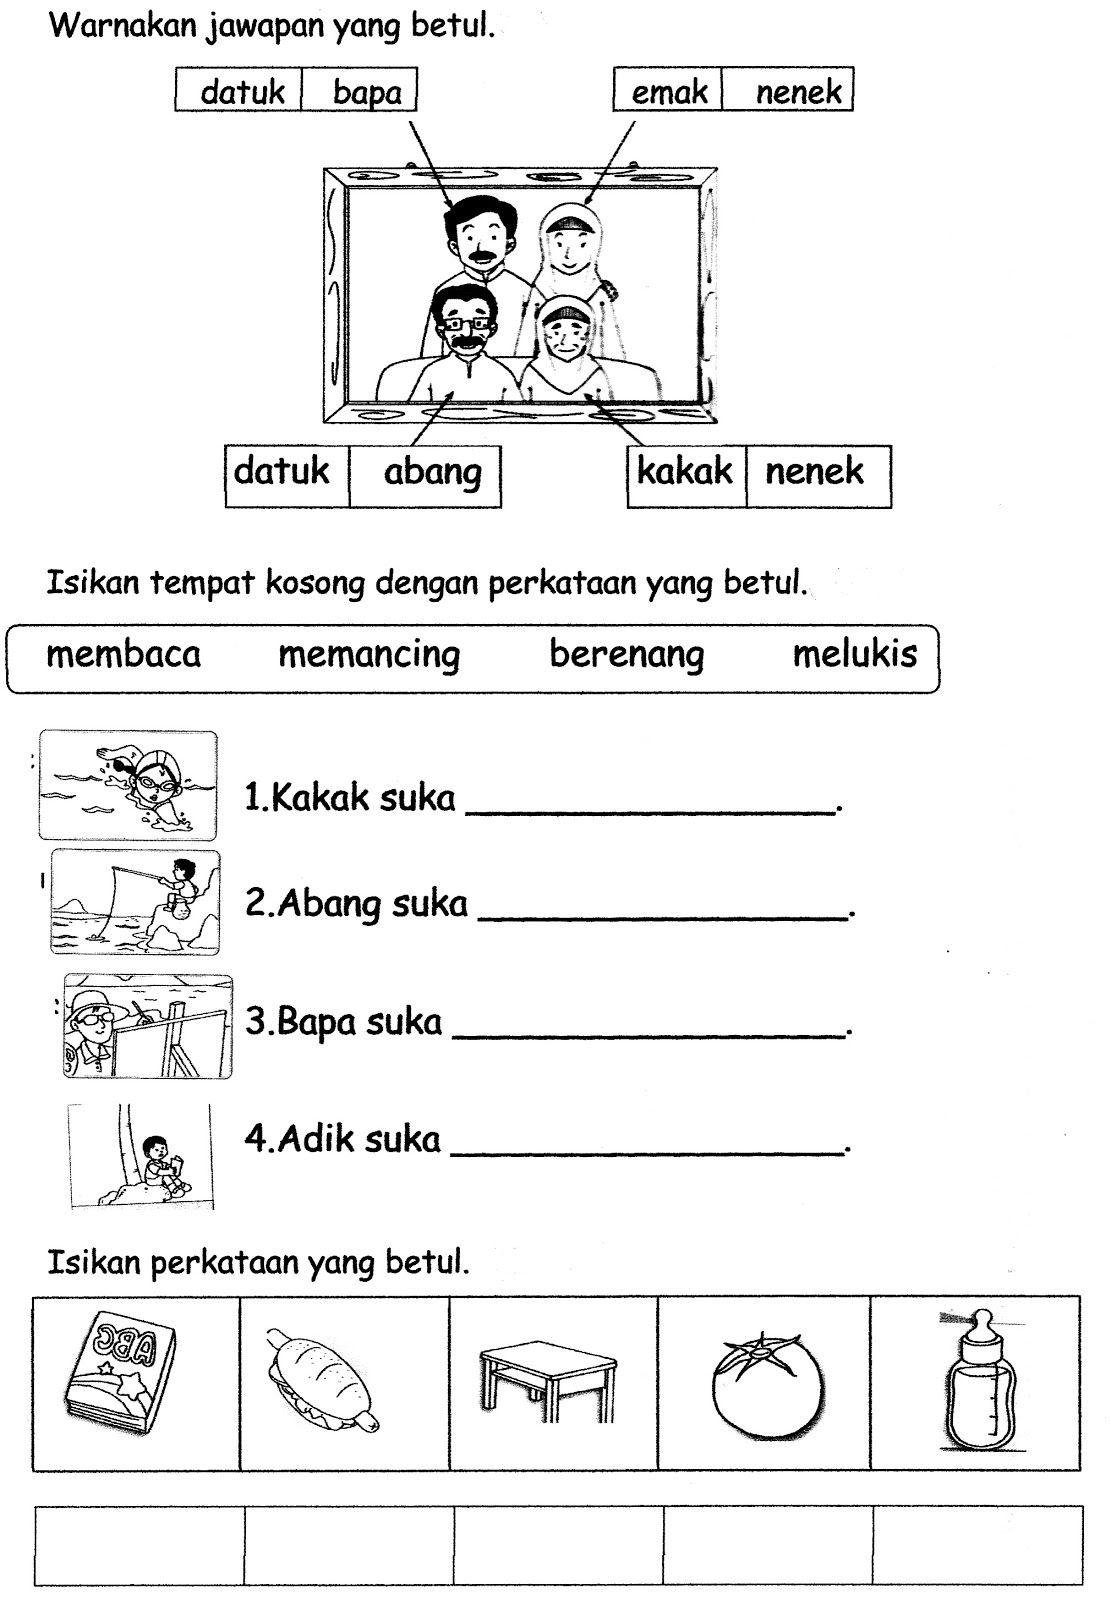 Latihan Budak Tadika